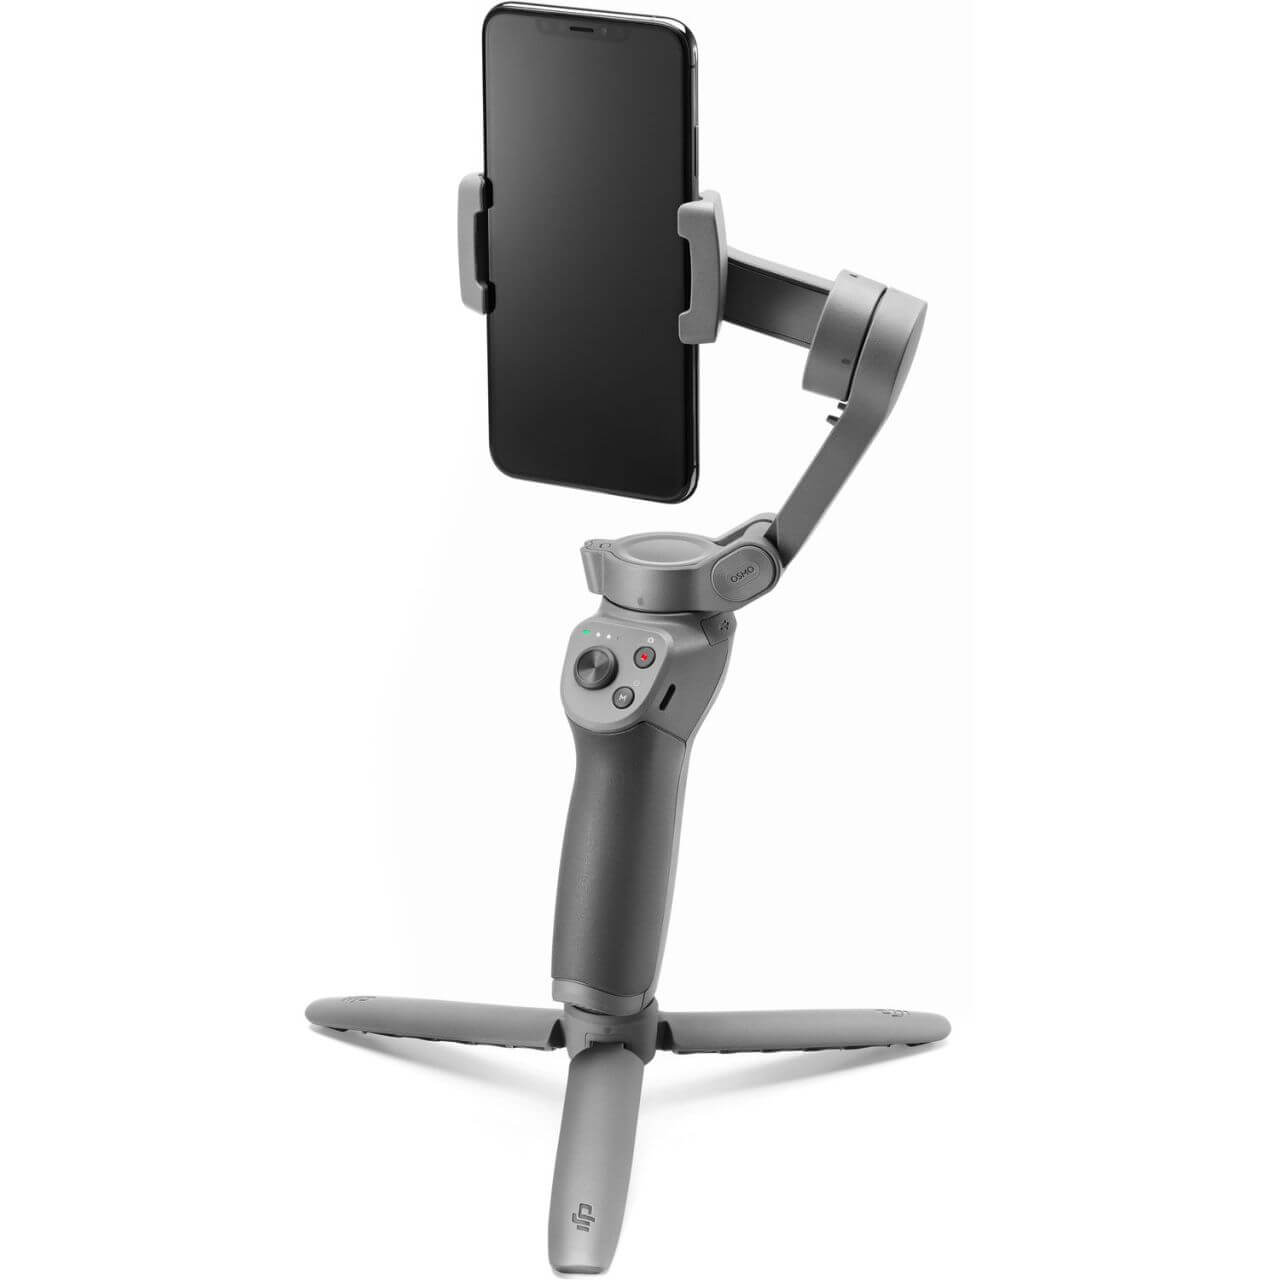 Складной стедикам для смартфонов DJI Osmo Mobile 3